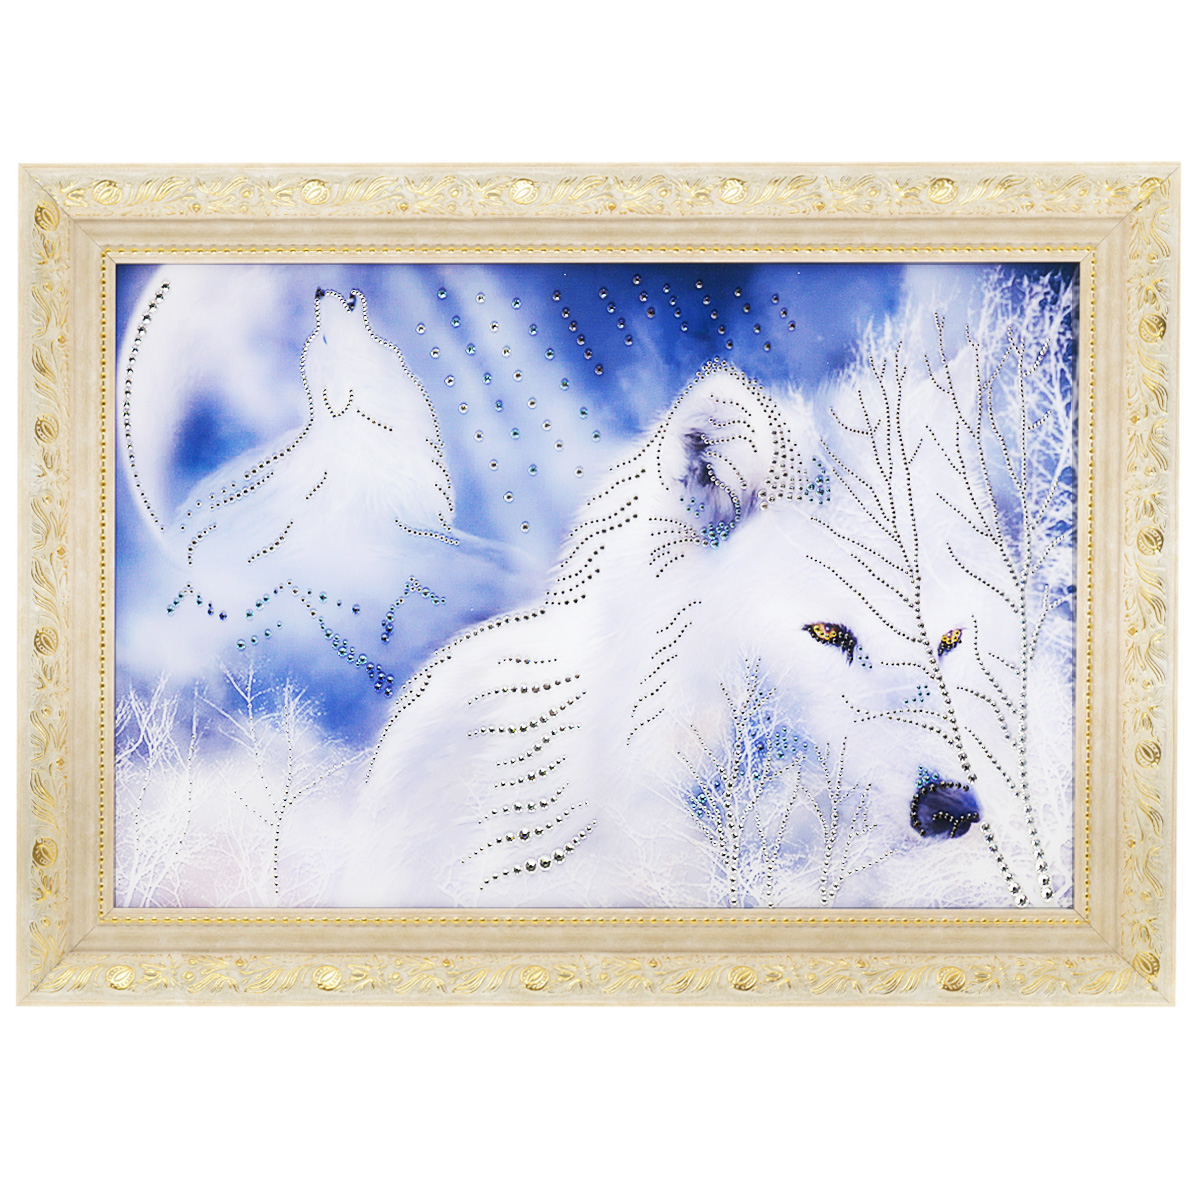 Картина с кристаллами Swarovski Белые волки, 70 см х 50 смIDEA FL2-07Изящная картина в багетной раме, инкрустирована кристаллами Swarovski, которые отличаются четкой и ровной огранкой, ярким блеском и чистотой цвета. Красочное изображение белых волков, расположенное под стеклом, прекрасно дополняет блеск кристаллов. С обратной стороны имеется металлическая проволока для размещения картины на стене. Картина с кристаллами Swarovski Белые волки элегантно украсит интерьер дома или офиса, а также станет прекрасным подарком, который обязательно понравится получателю. Блеск кристаллов в интерьере, что может быть сказочнее и удивительнее. Картина упакована в подарочную картонную коробку красного цвета и комплектуется сертификатом соответствия Swarovski.